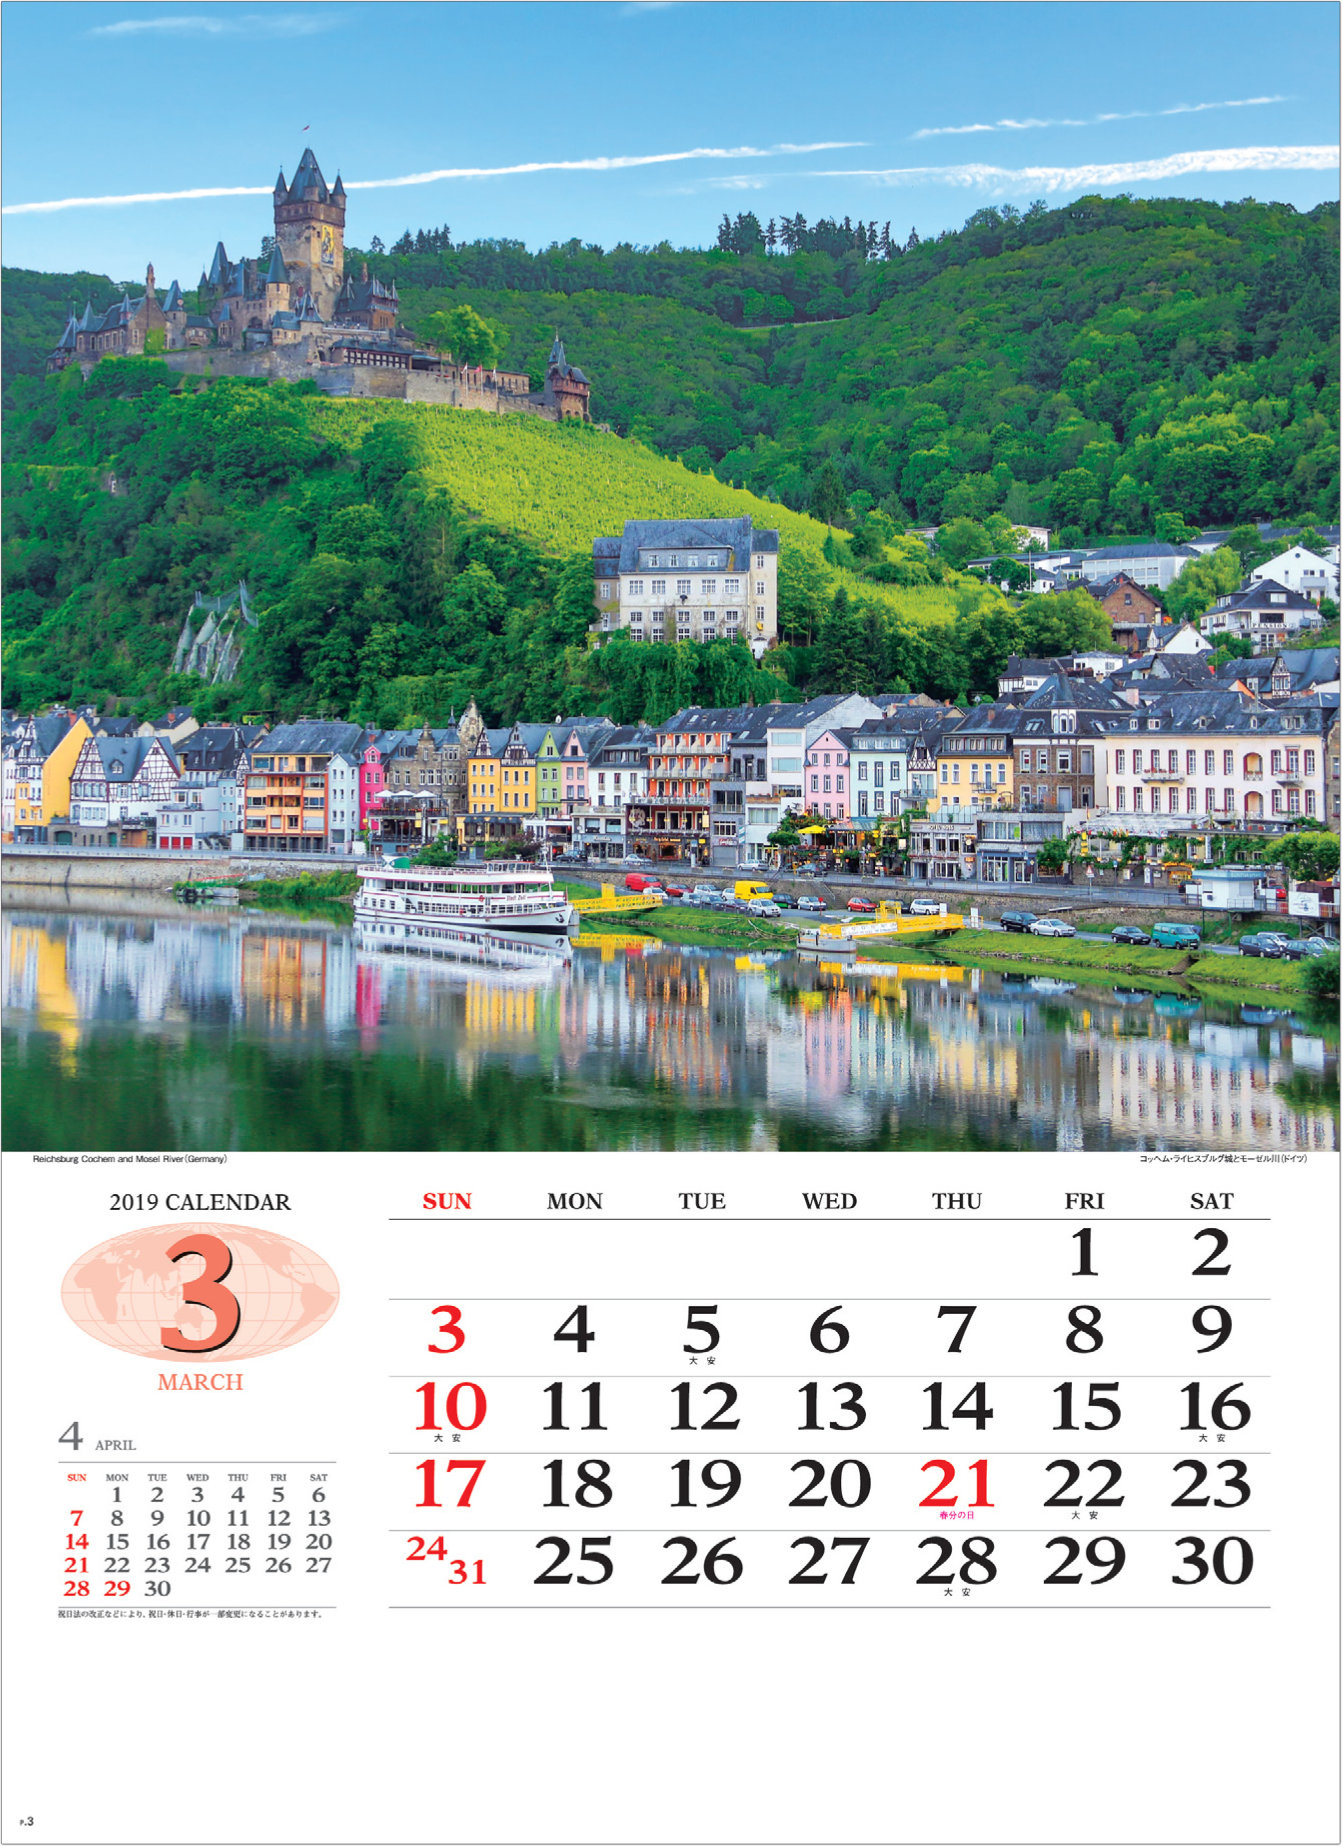 画像:ドイツのコッヘルム・ライヒスブルク城 世界の景観 2019年カレンダー